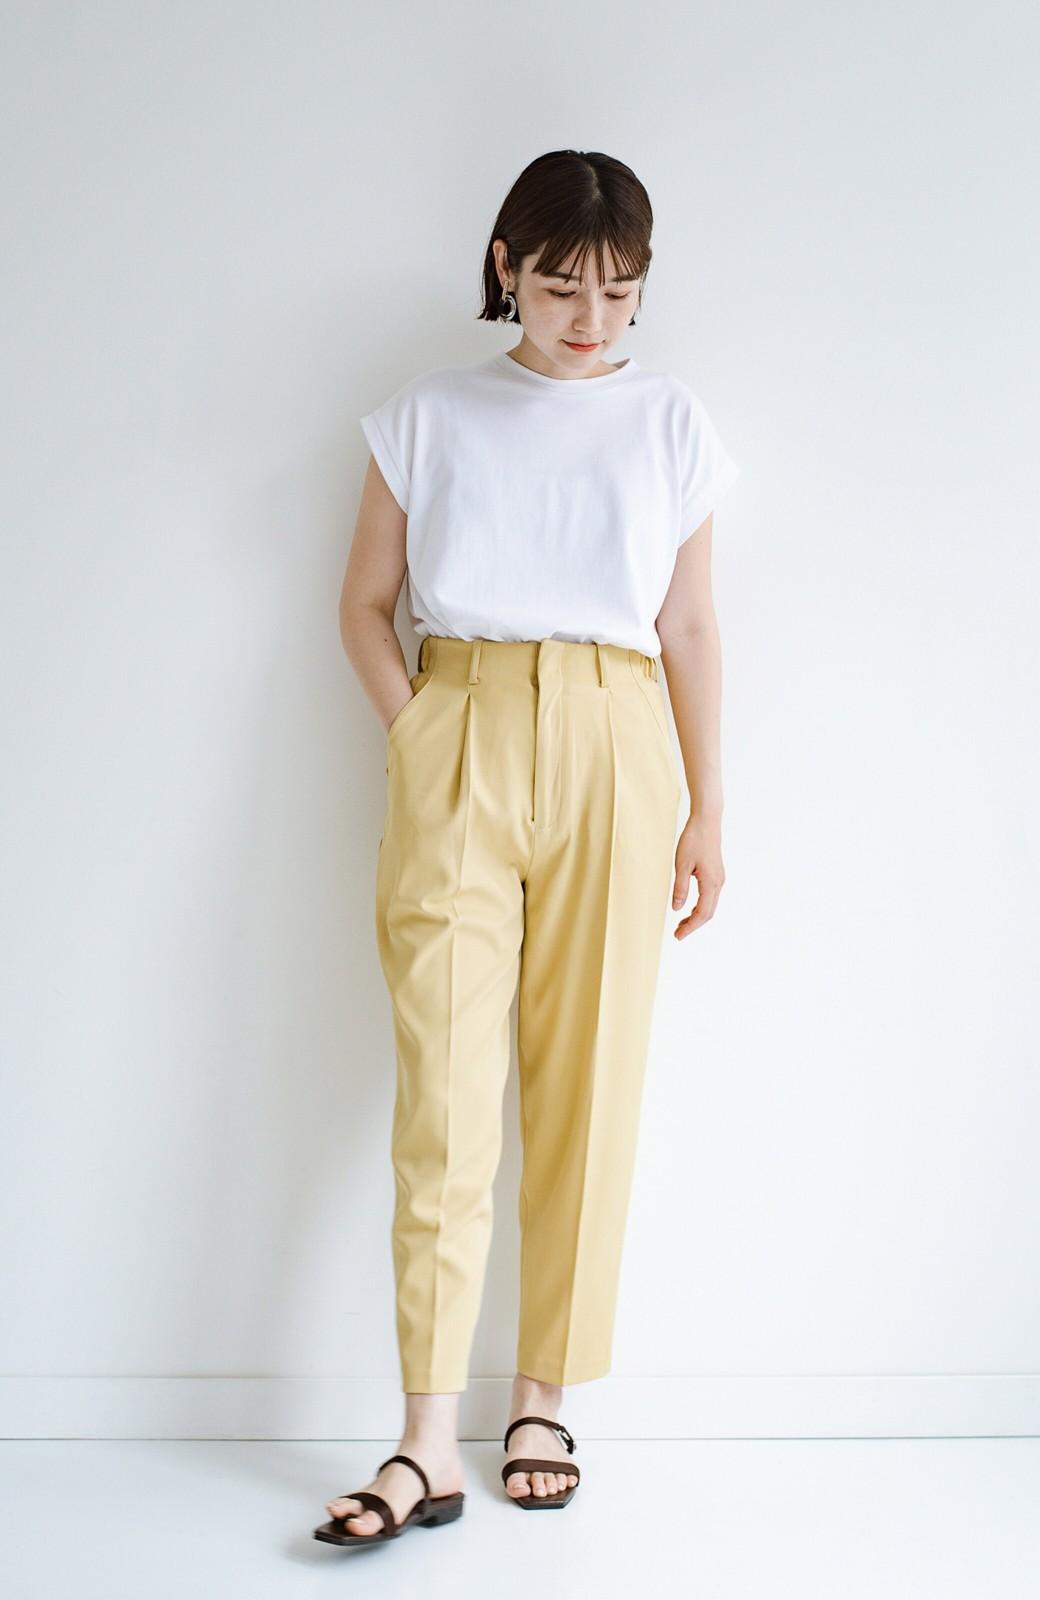 haco! 迷った朝はこれ着よう!元気が出るきれい色パンツにちょい袖大人Tシャツを合わせておいた作り置きコーデセット by que made me <その他>の商品写真4